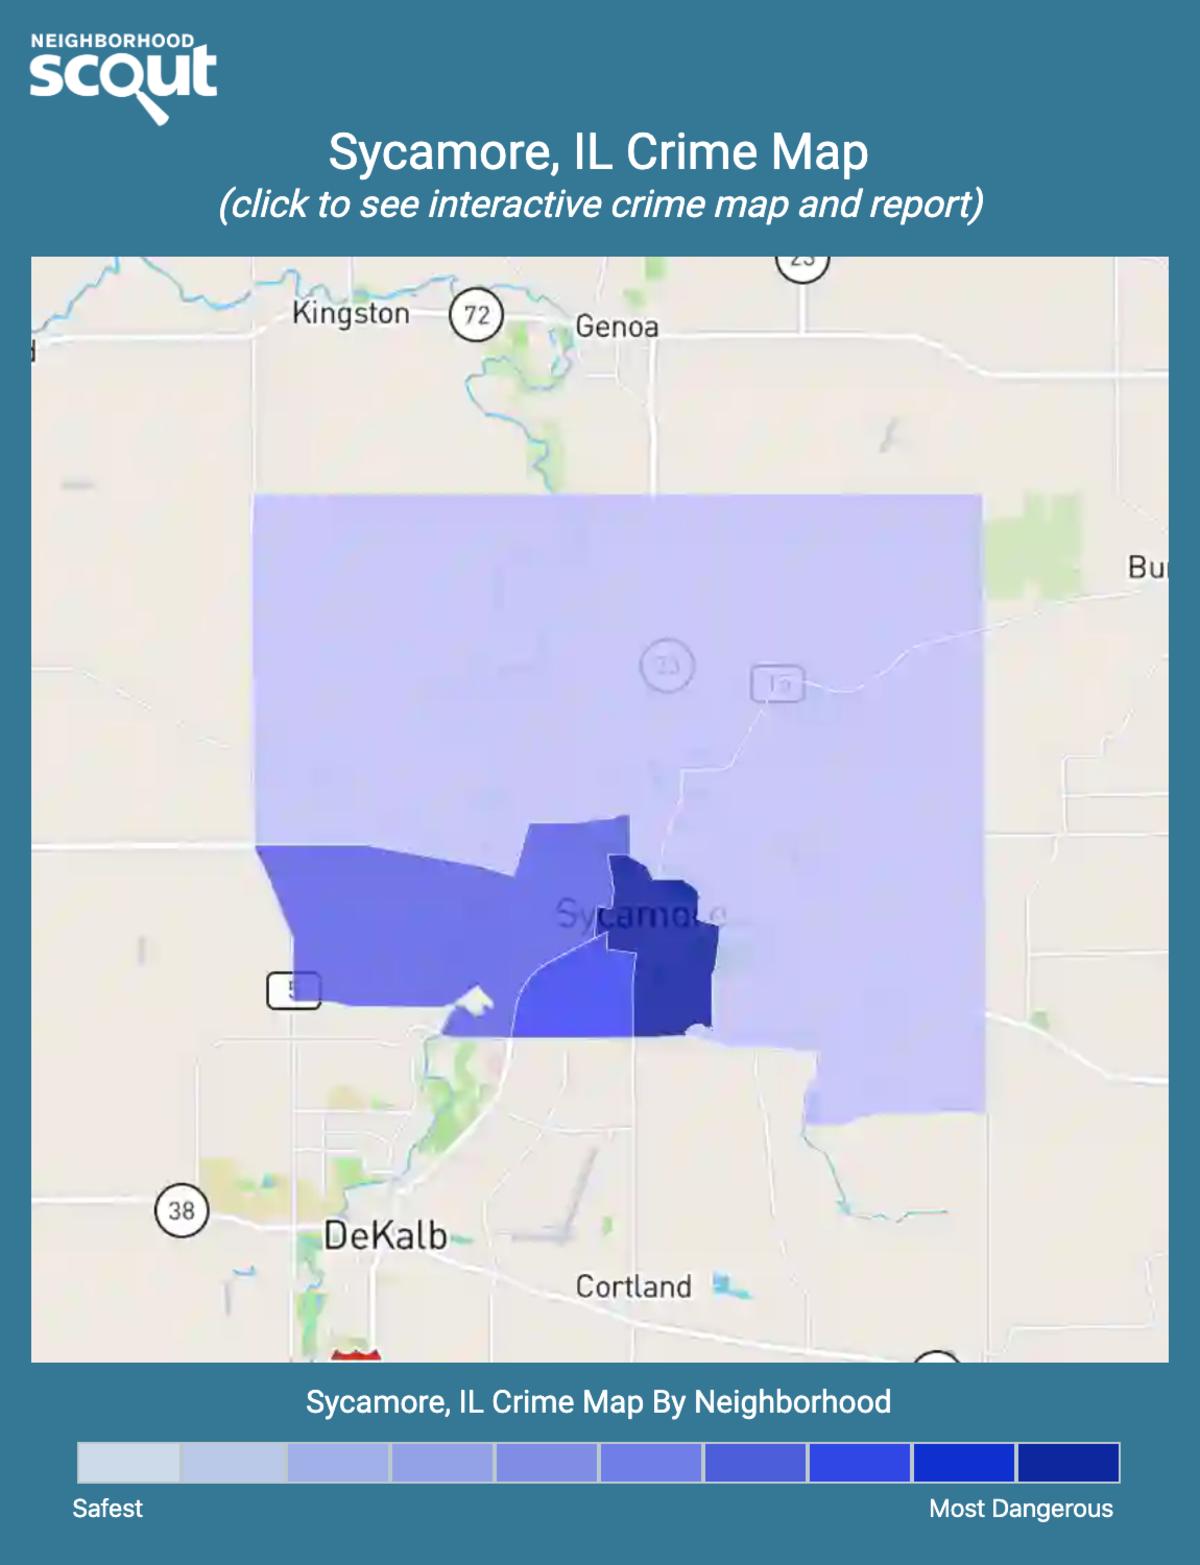 Sycamore, Illinois crime map